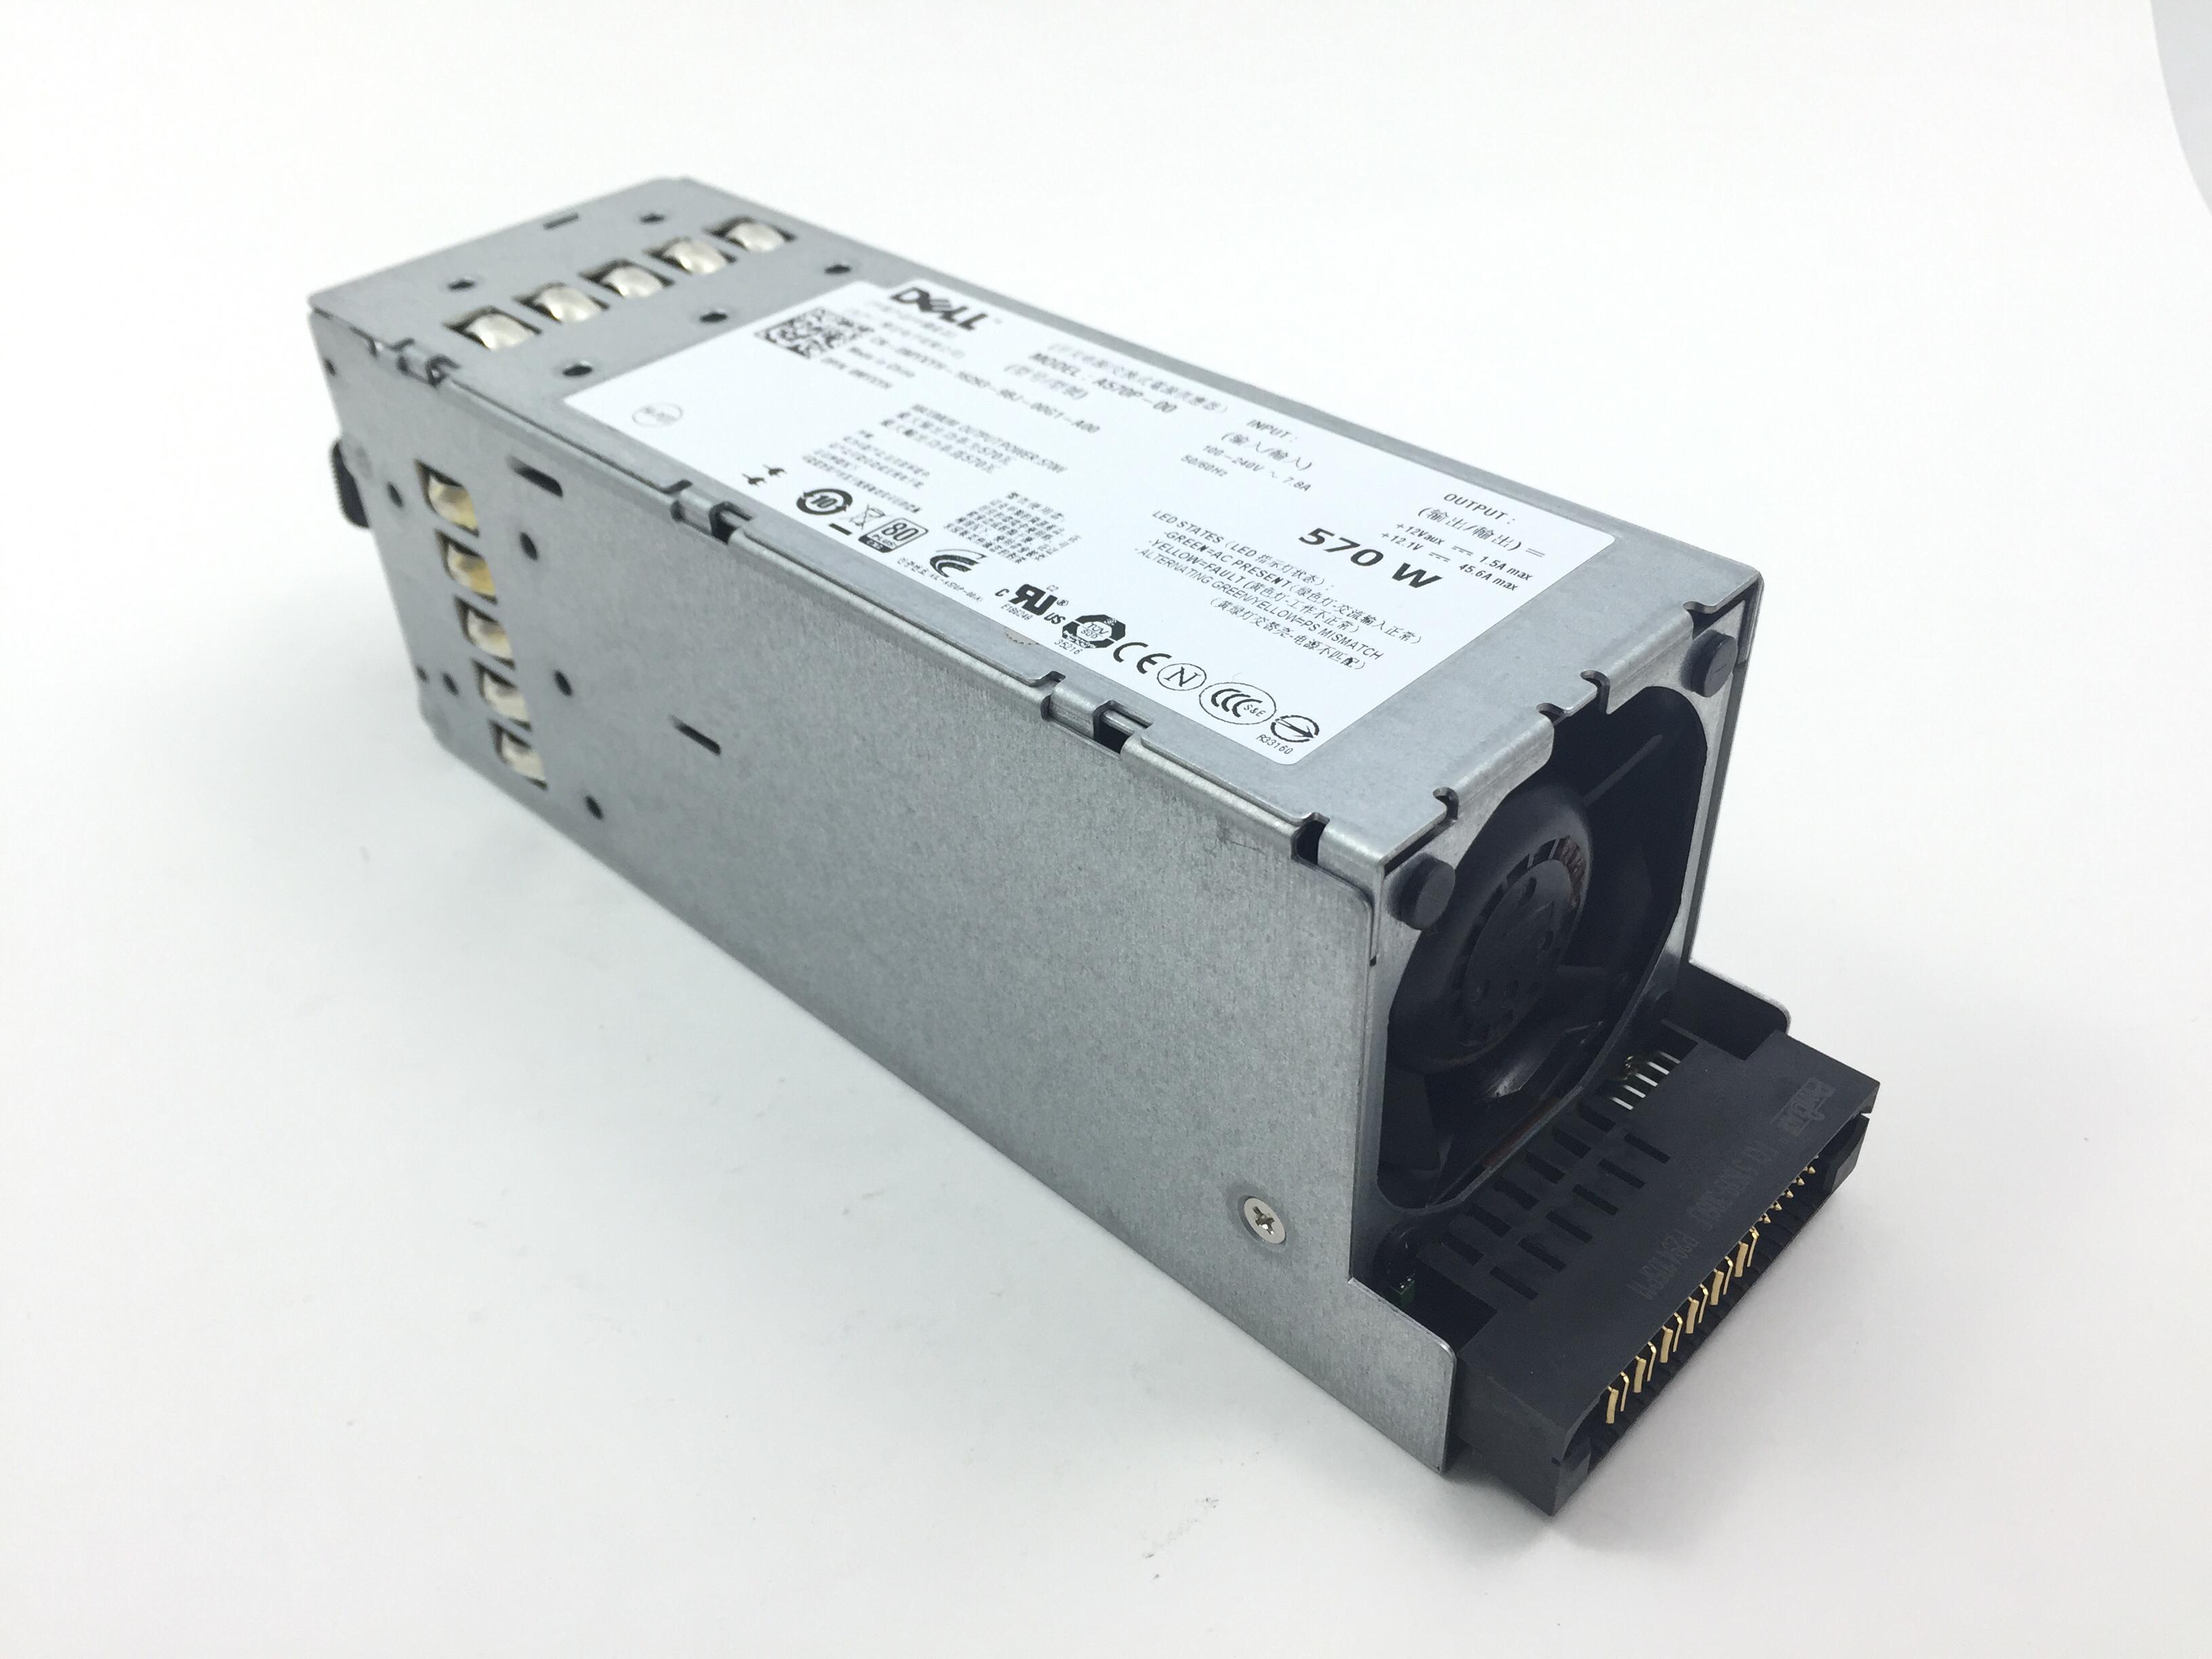 MYXYH Dell PowerEdge R710 T610 570W Power Supply (MYXYH)